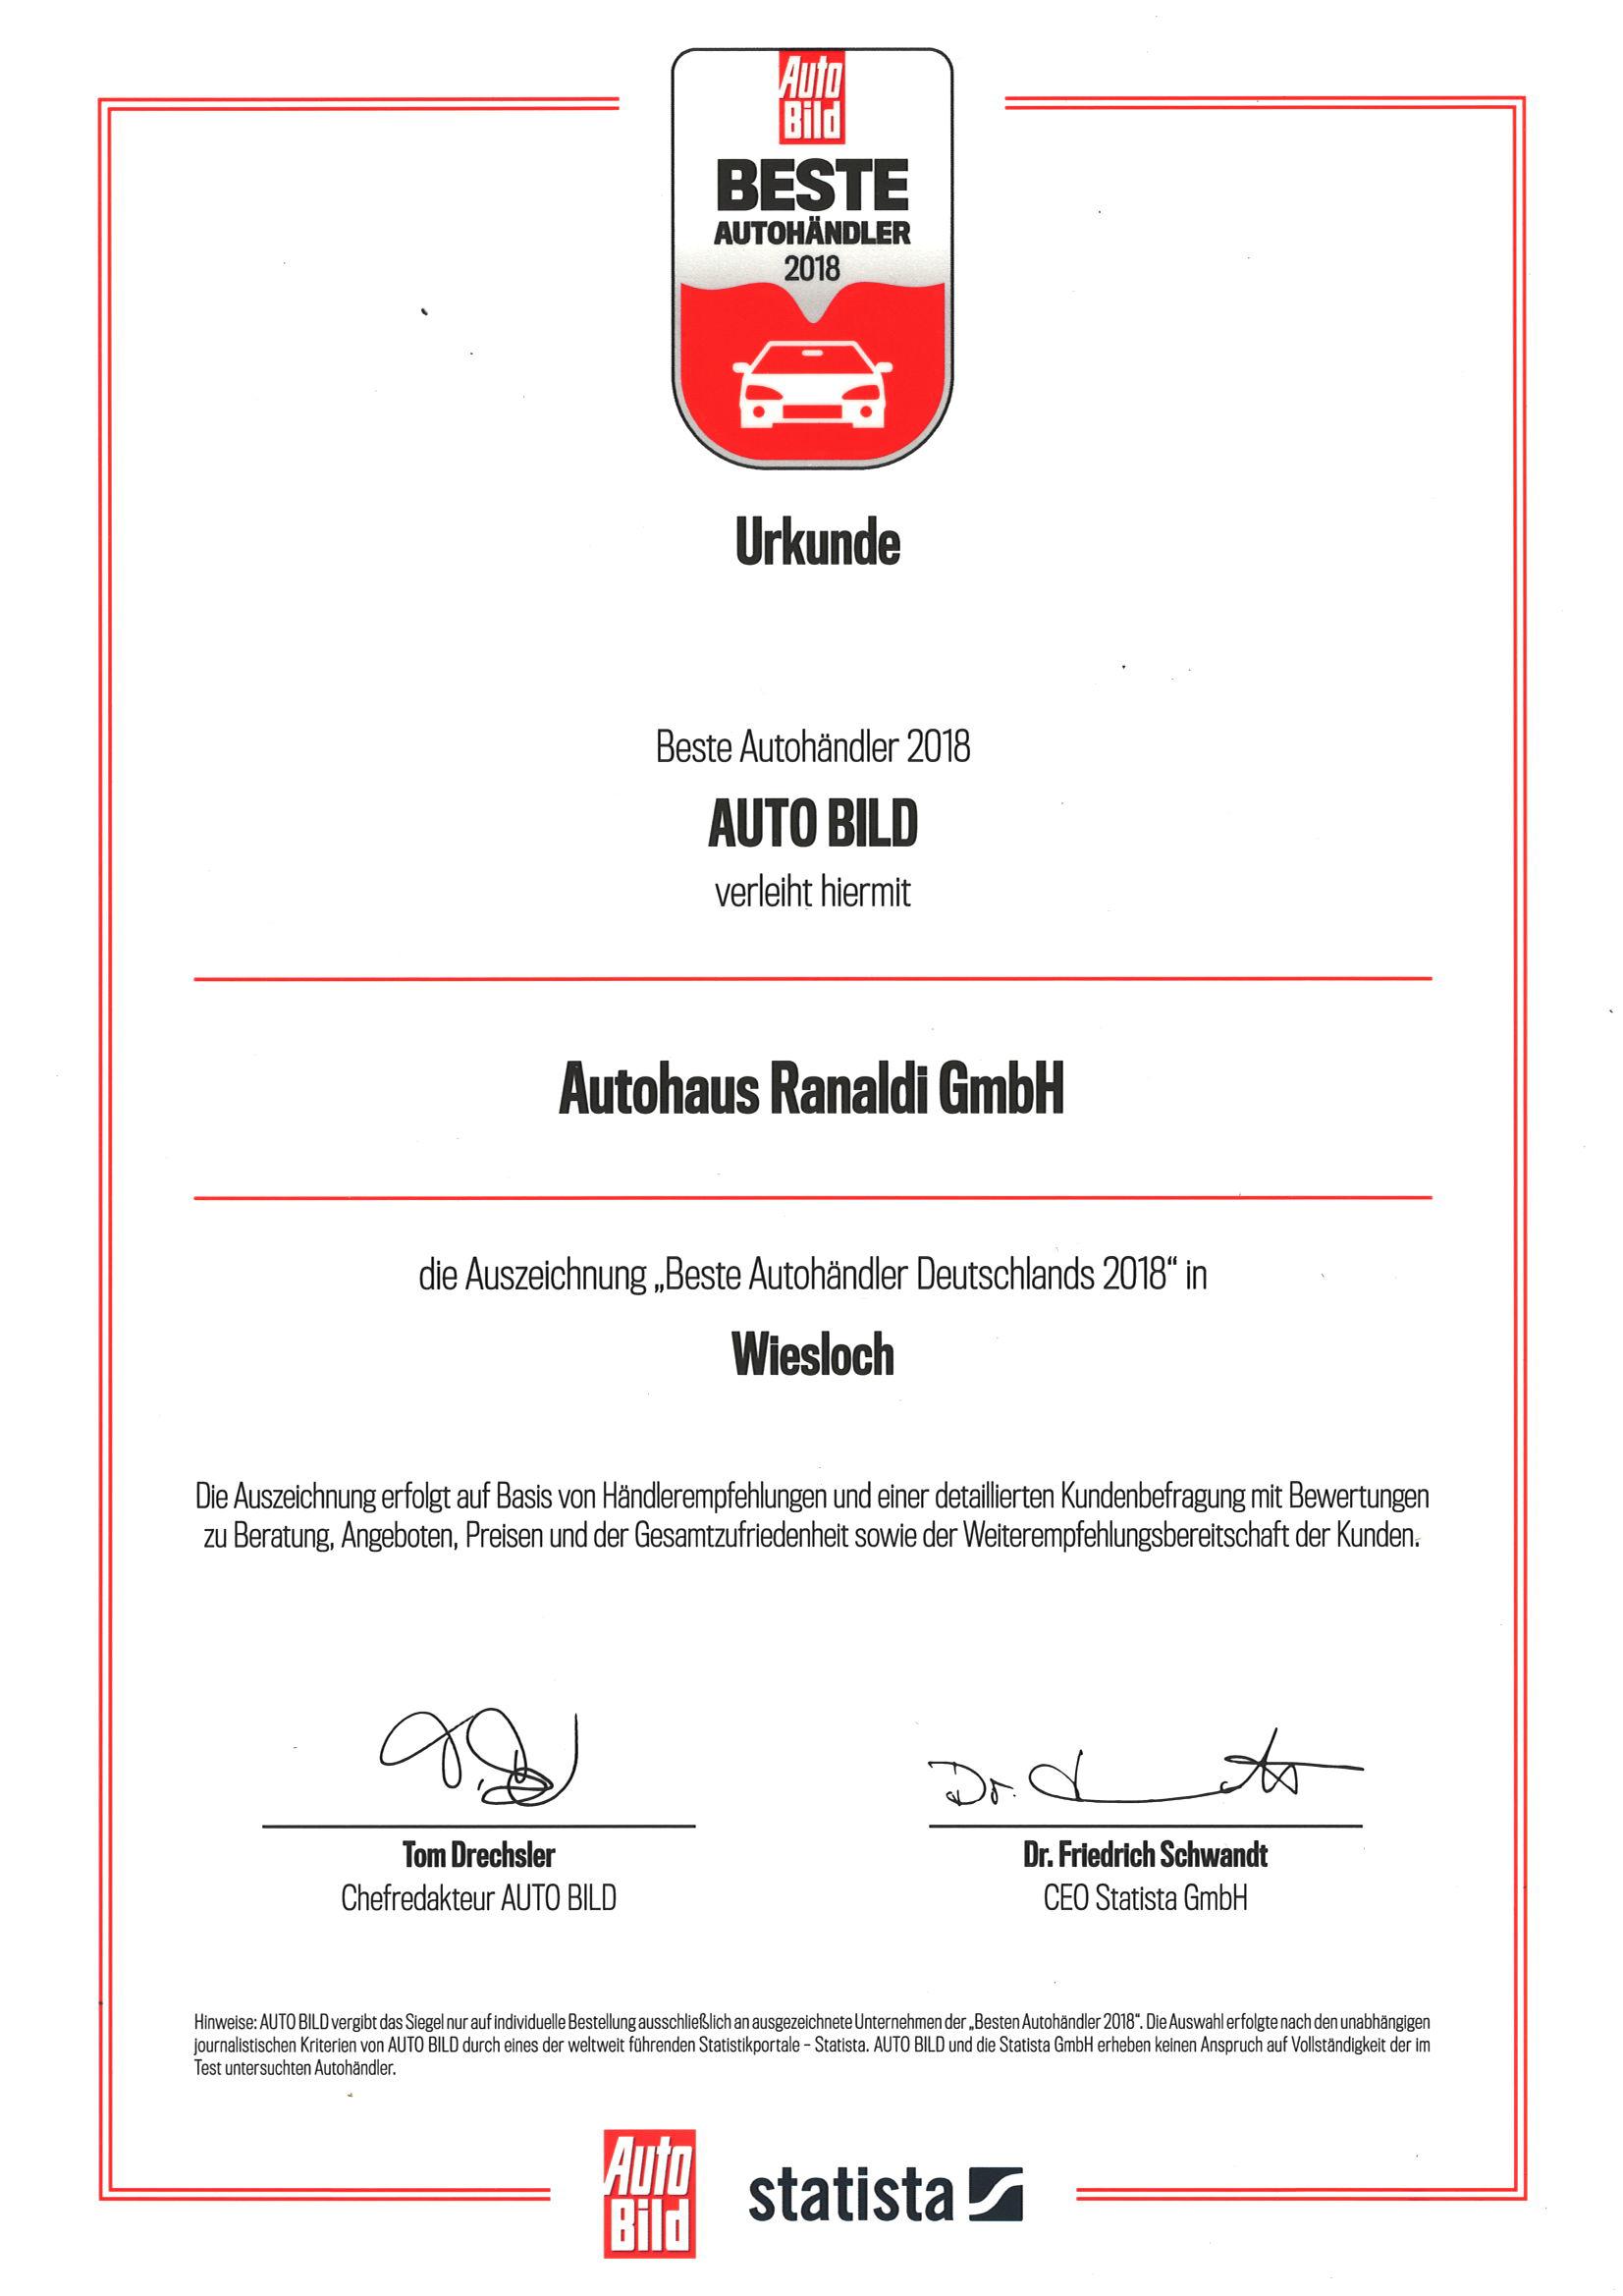 Autohaus Ranaldi unter den besten Autohändlern 2018